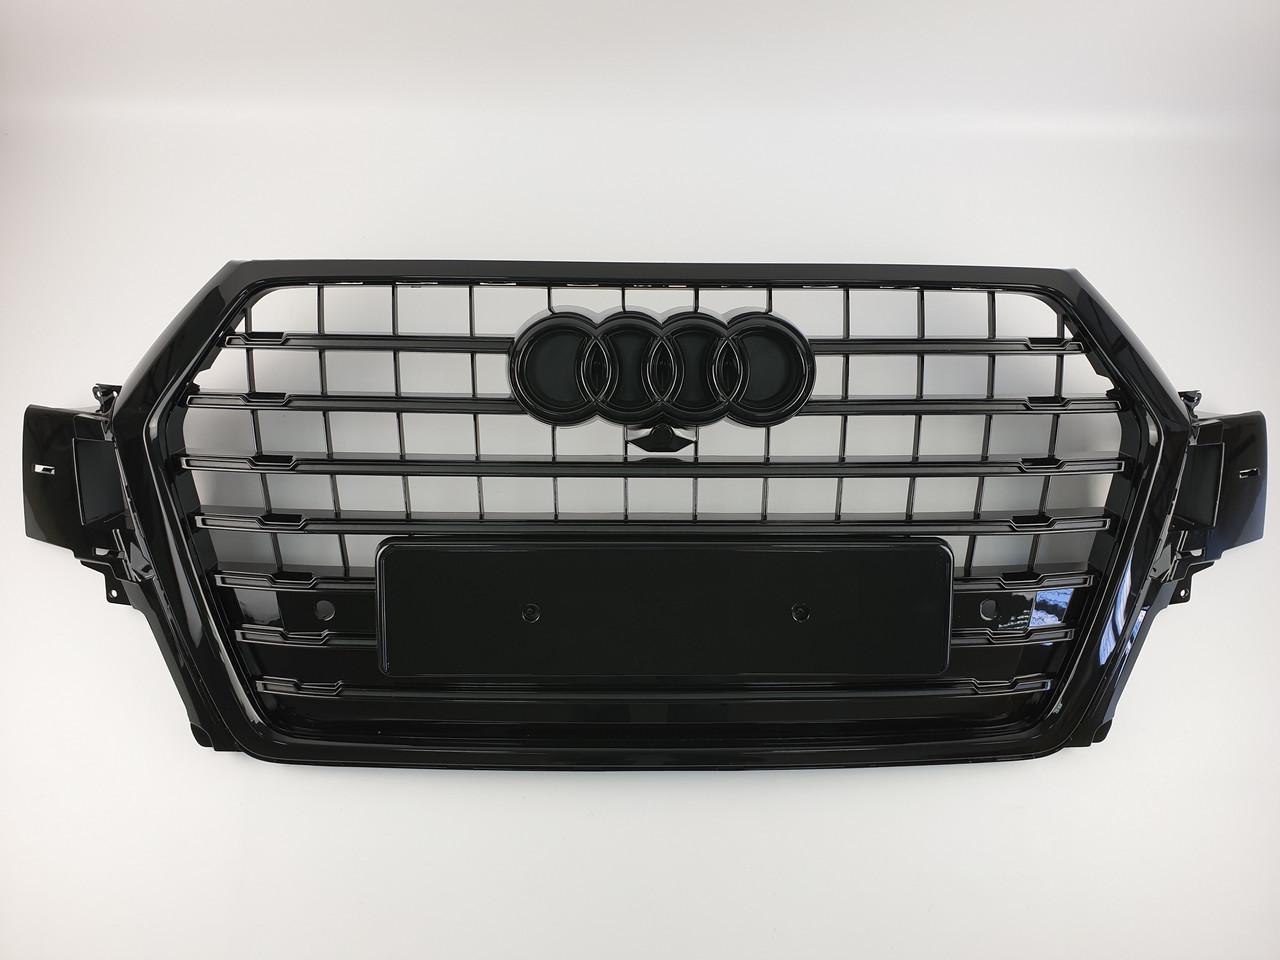 Решетка радиатора Тайвань Audi Q7 SQ7 16-19г Grill audi sq7 16г New full black (hub_TVJS32982)